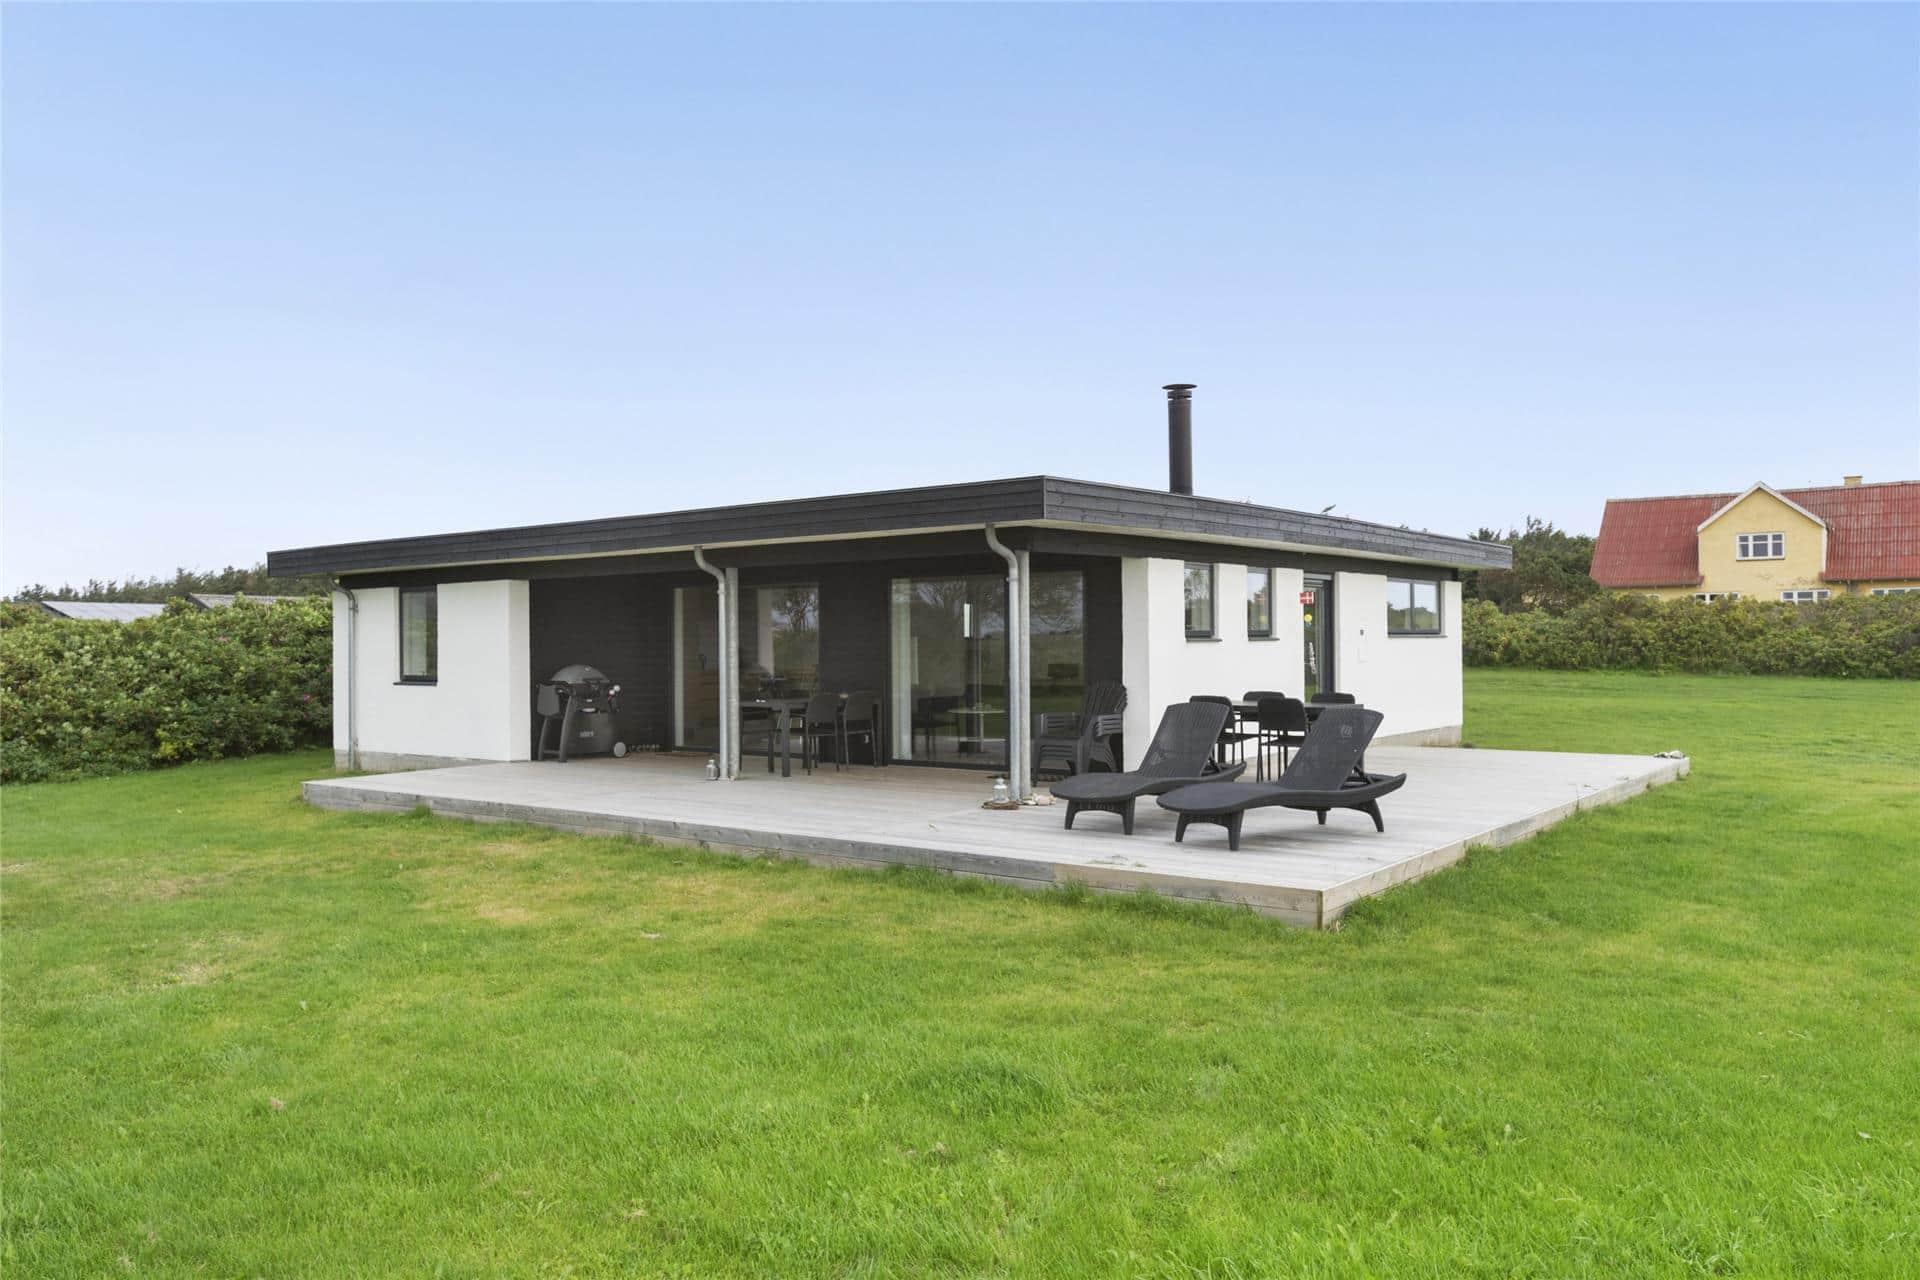 Afbeelding 1-14 Vakantiehuis 1231, Nørlev Strandvej 459, DK - 9800 Hjørring